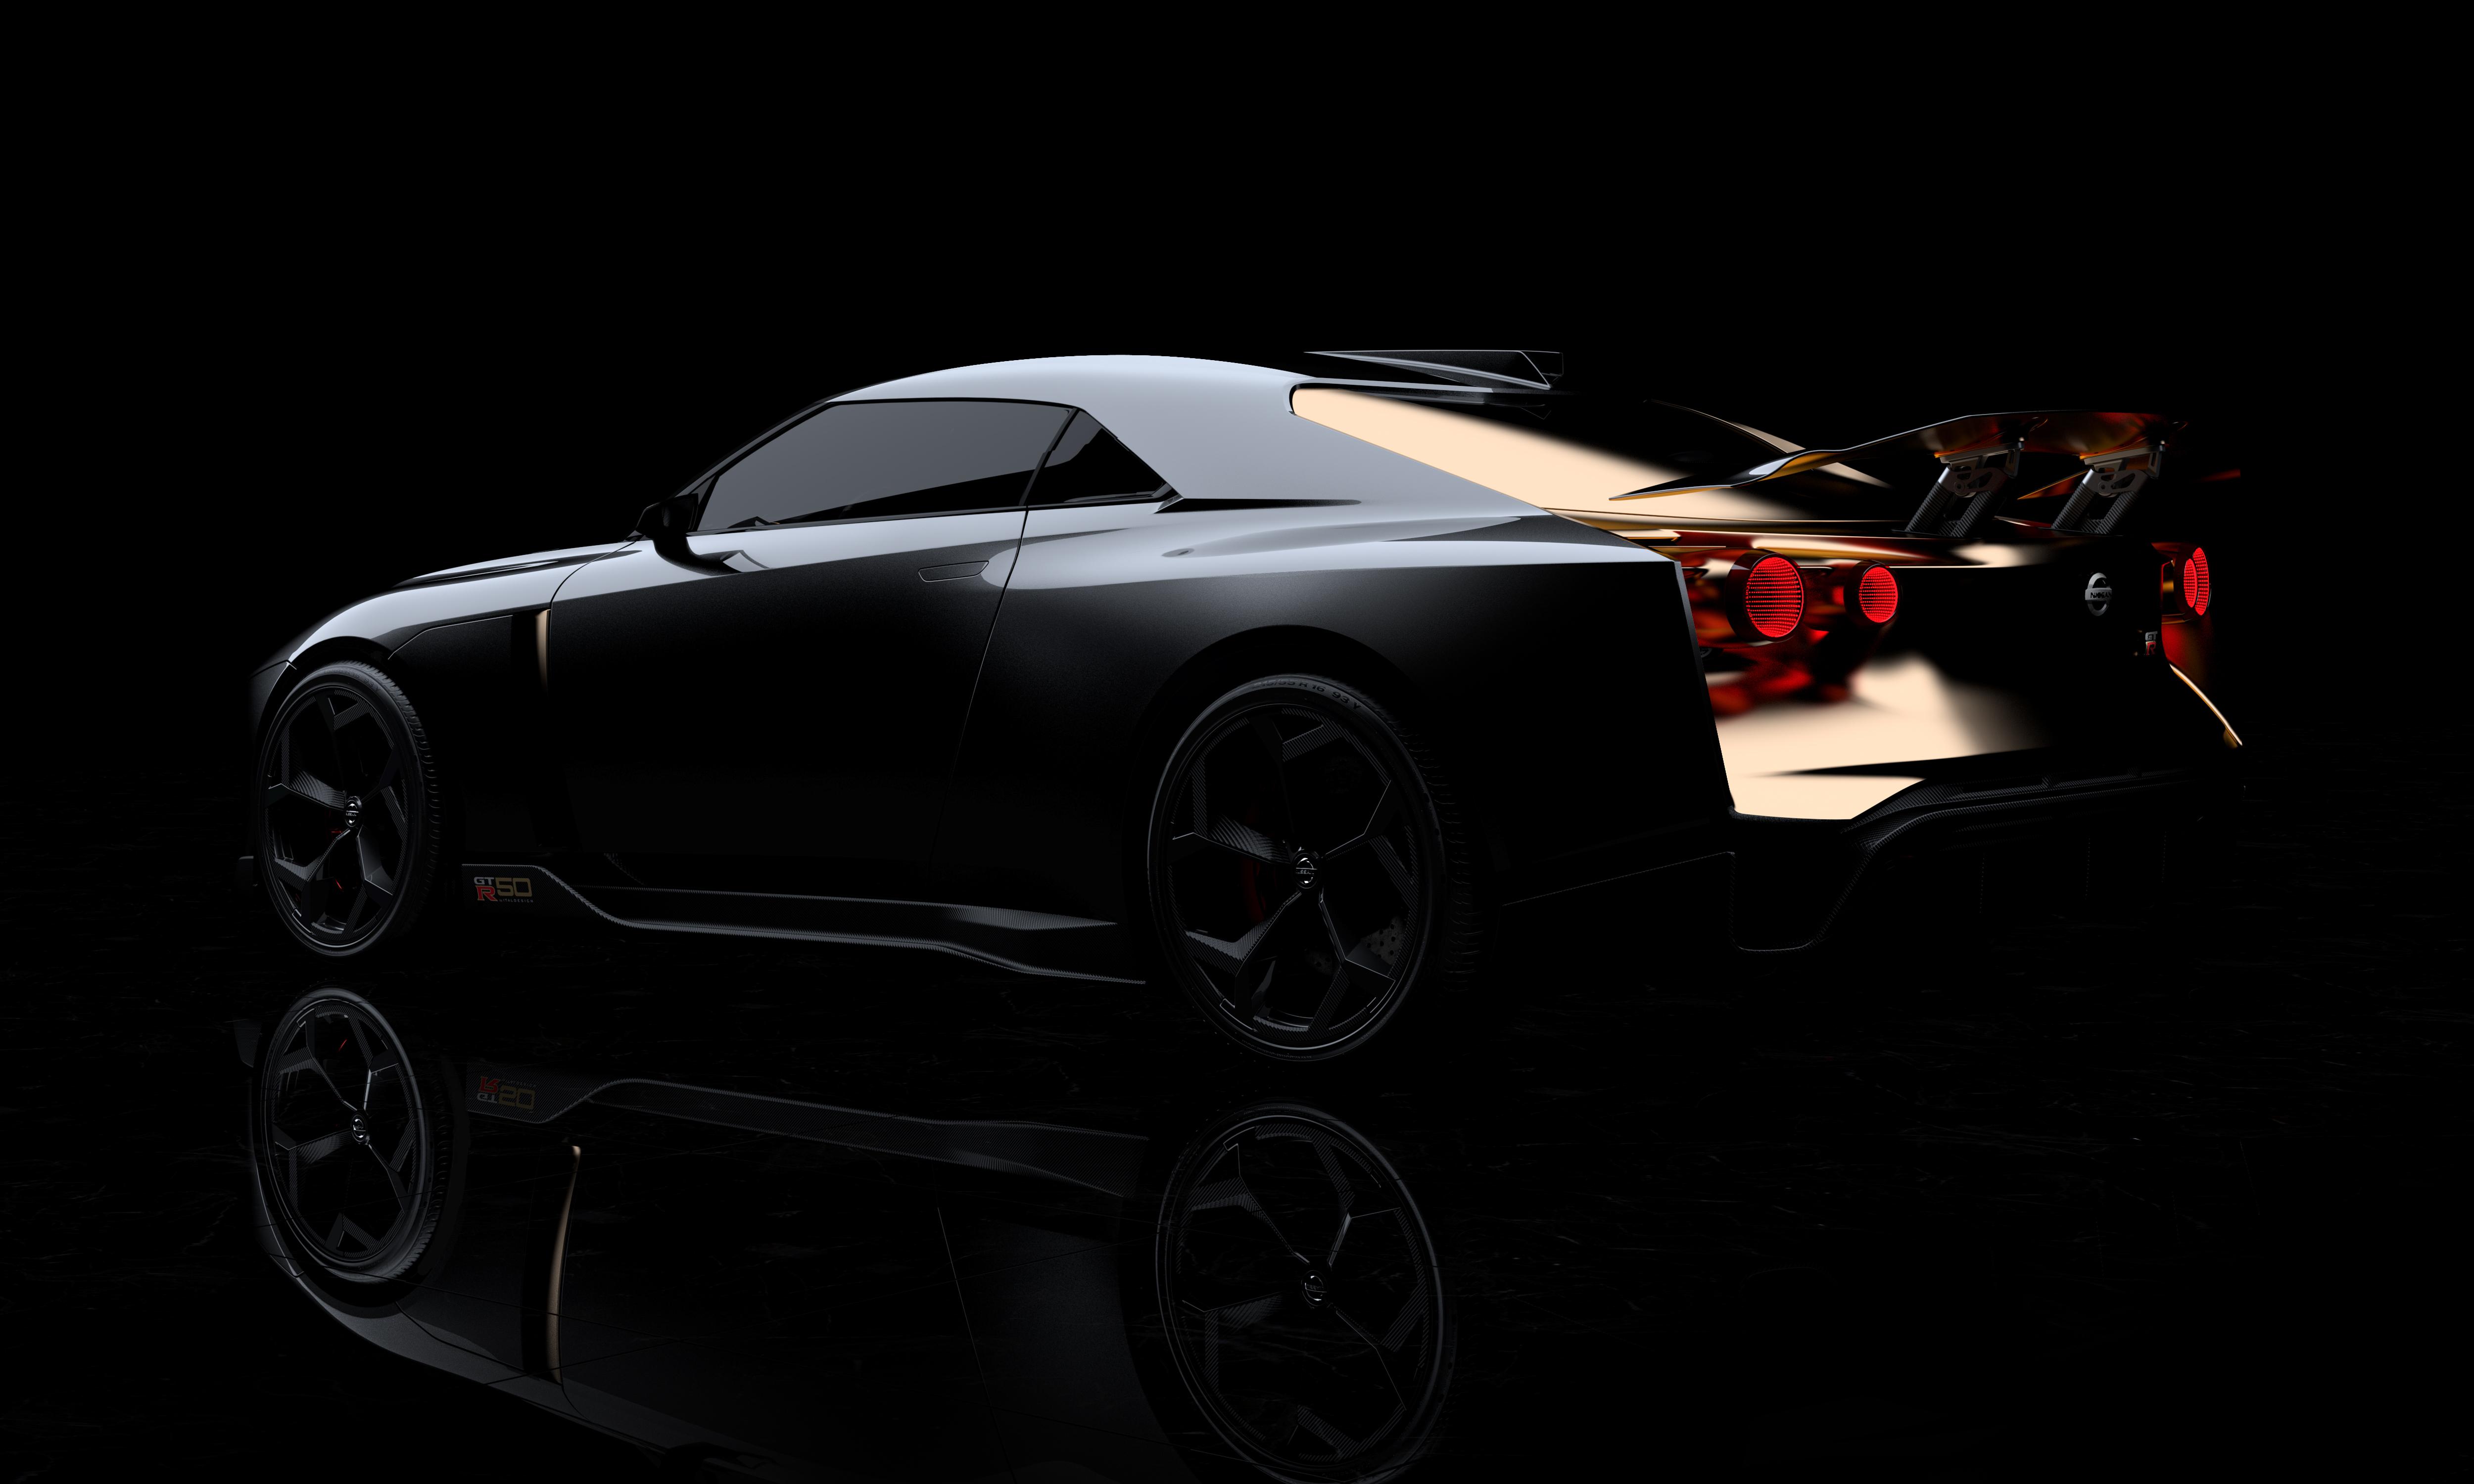 nissan gtr50 italdesign side rear gold gtr